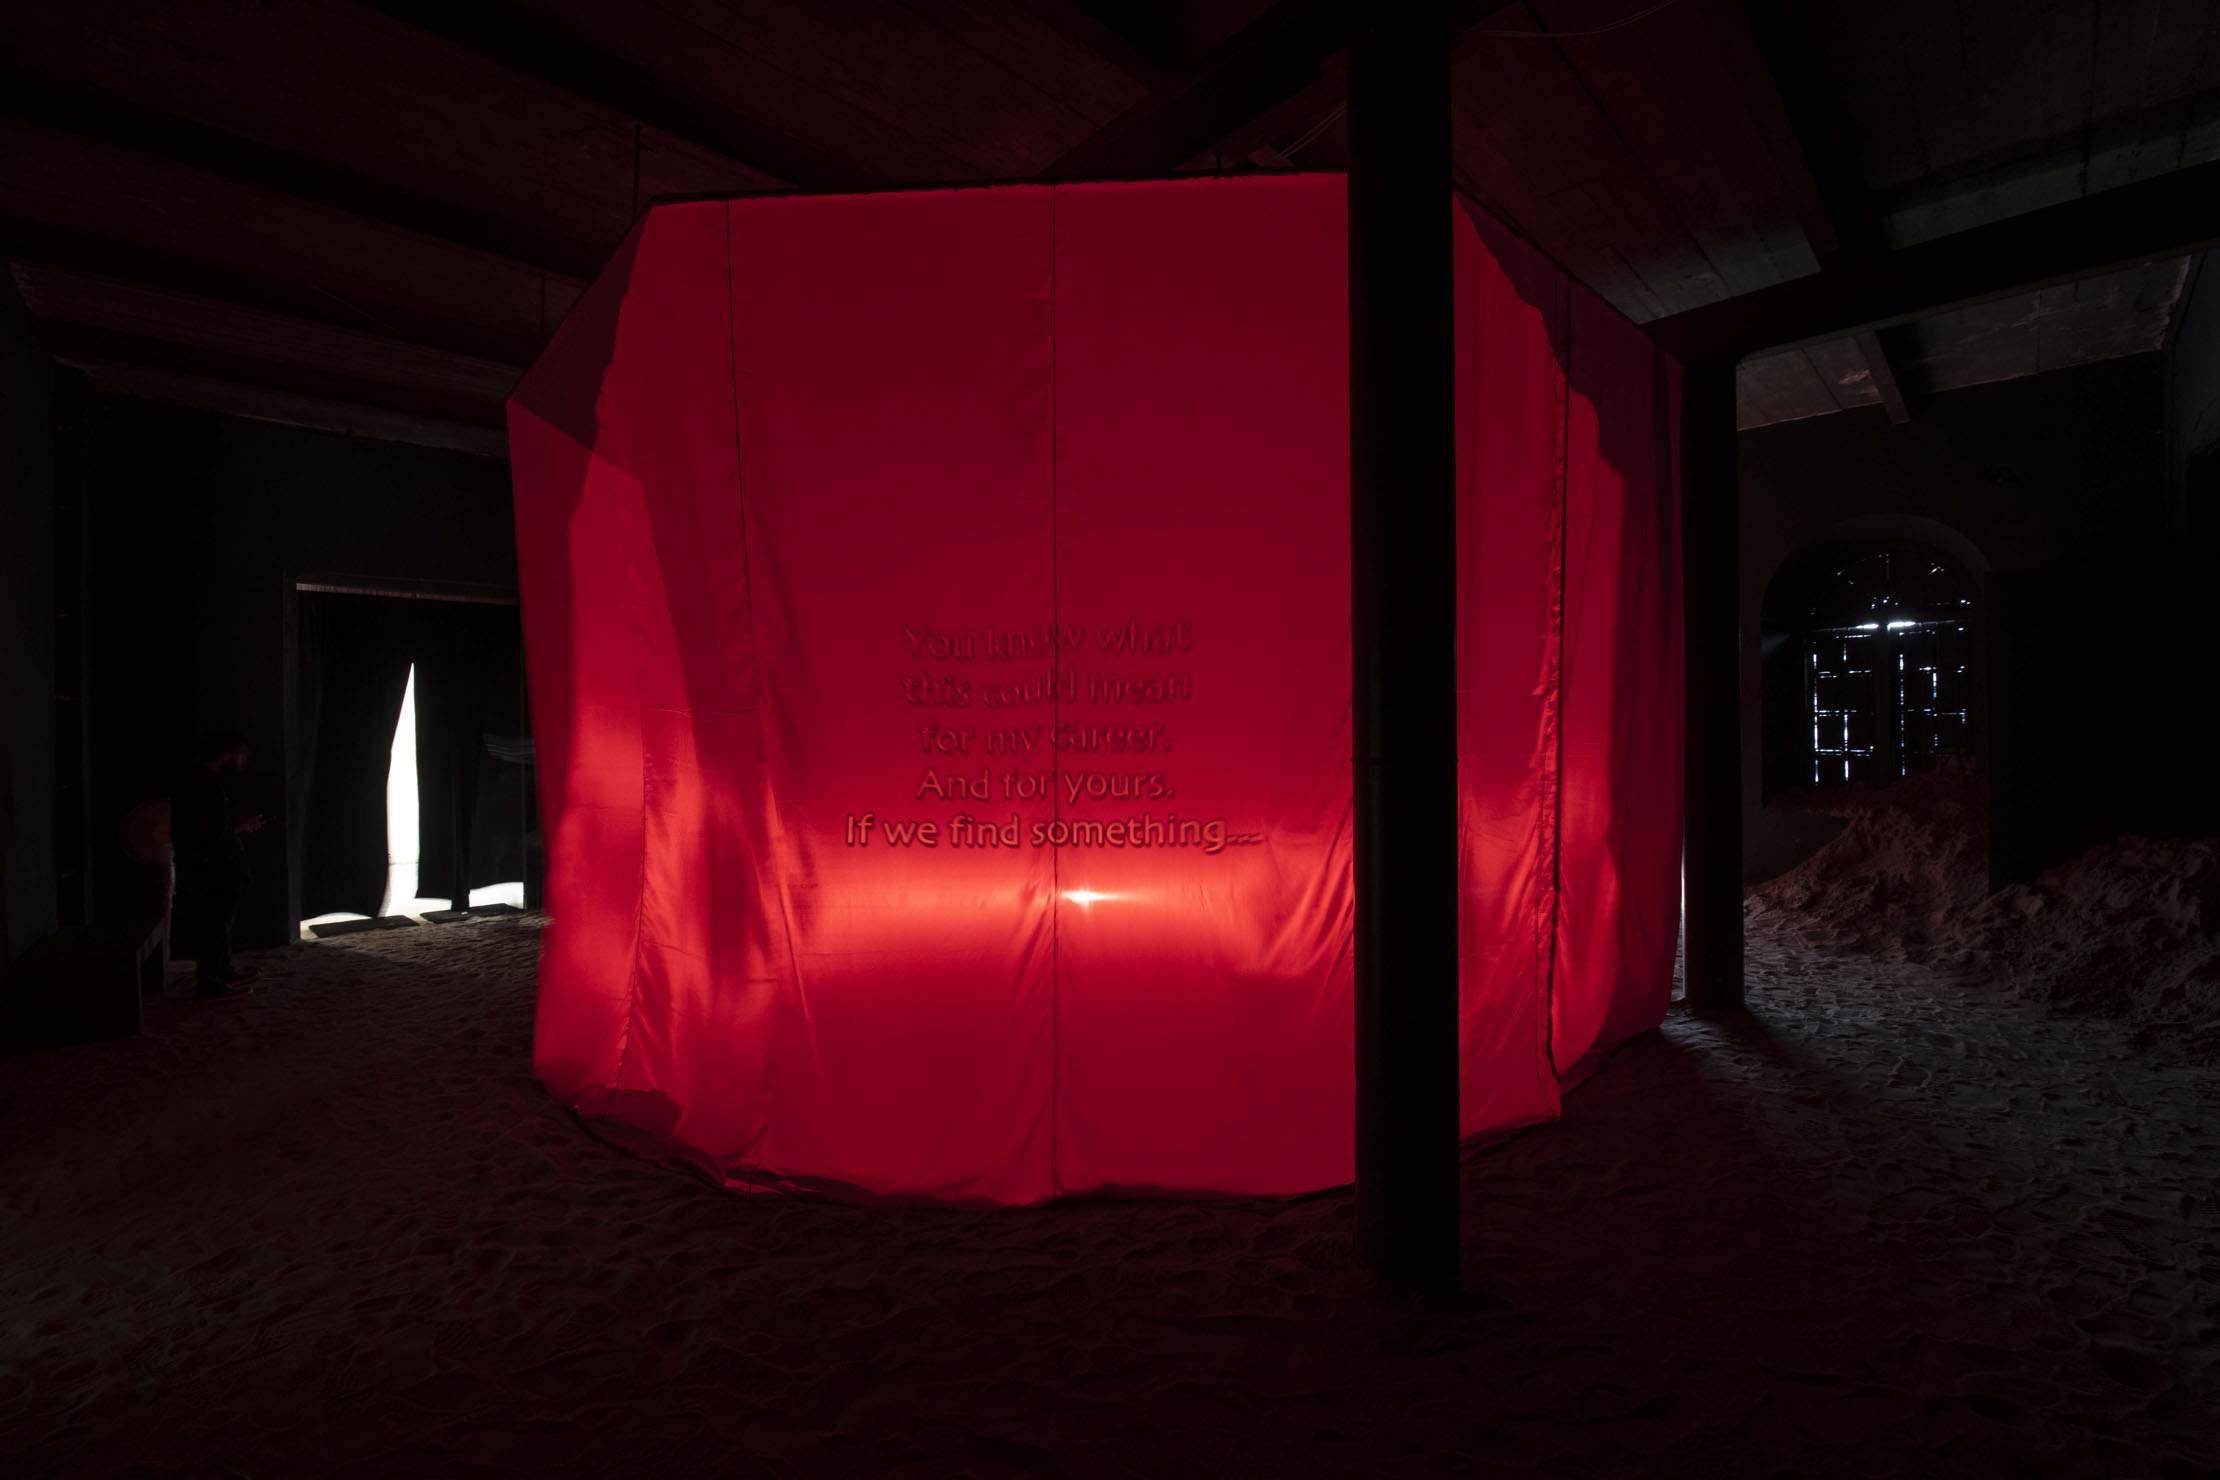 Kochi Biennale 2018